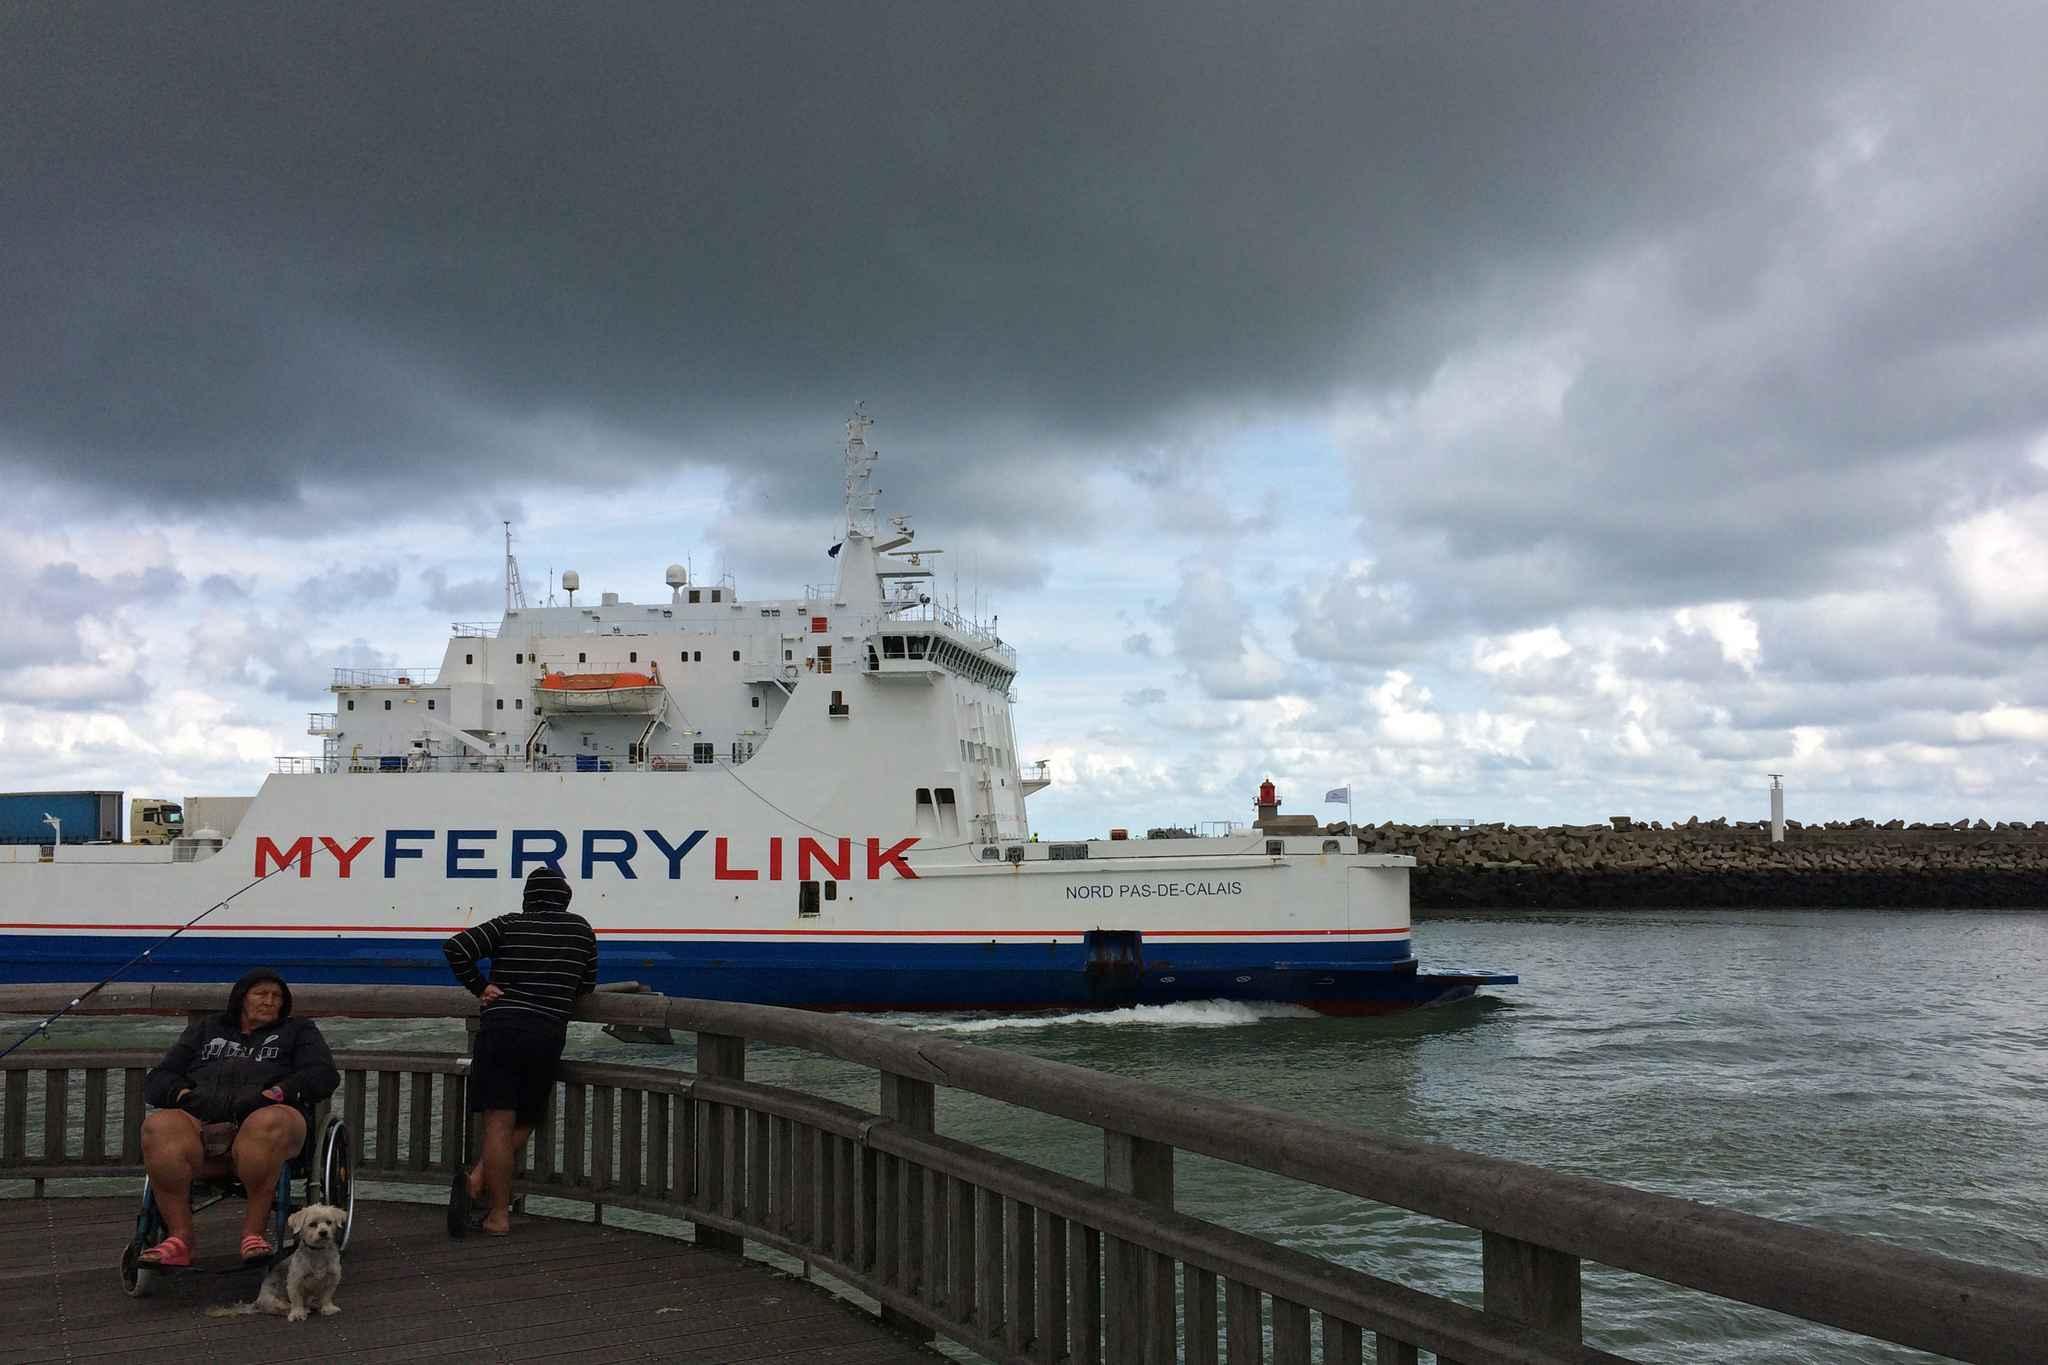 Video Calais Le Trafic Eurostar Et Eurotunnel Reprend Apr S Le Blocage Des Marins De Myferrylink